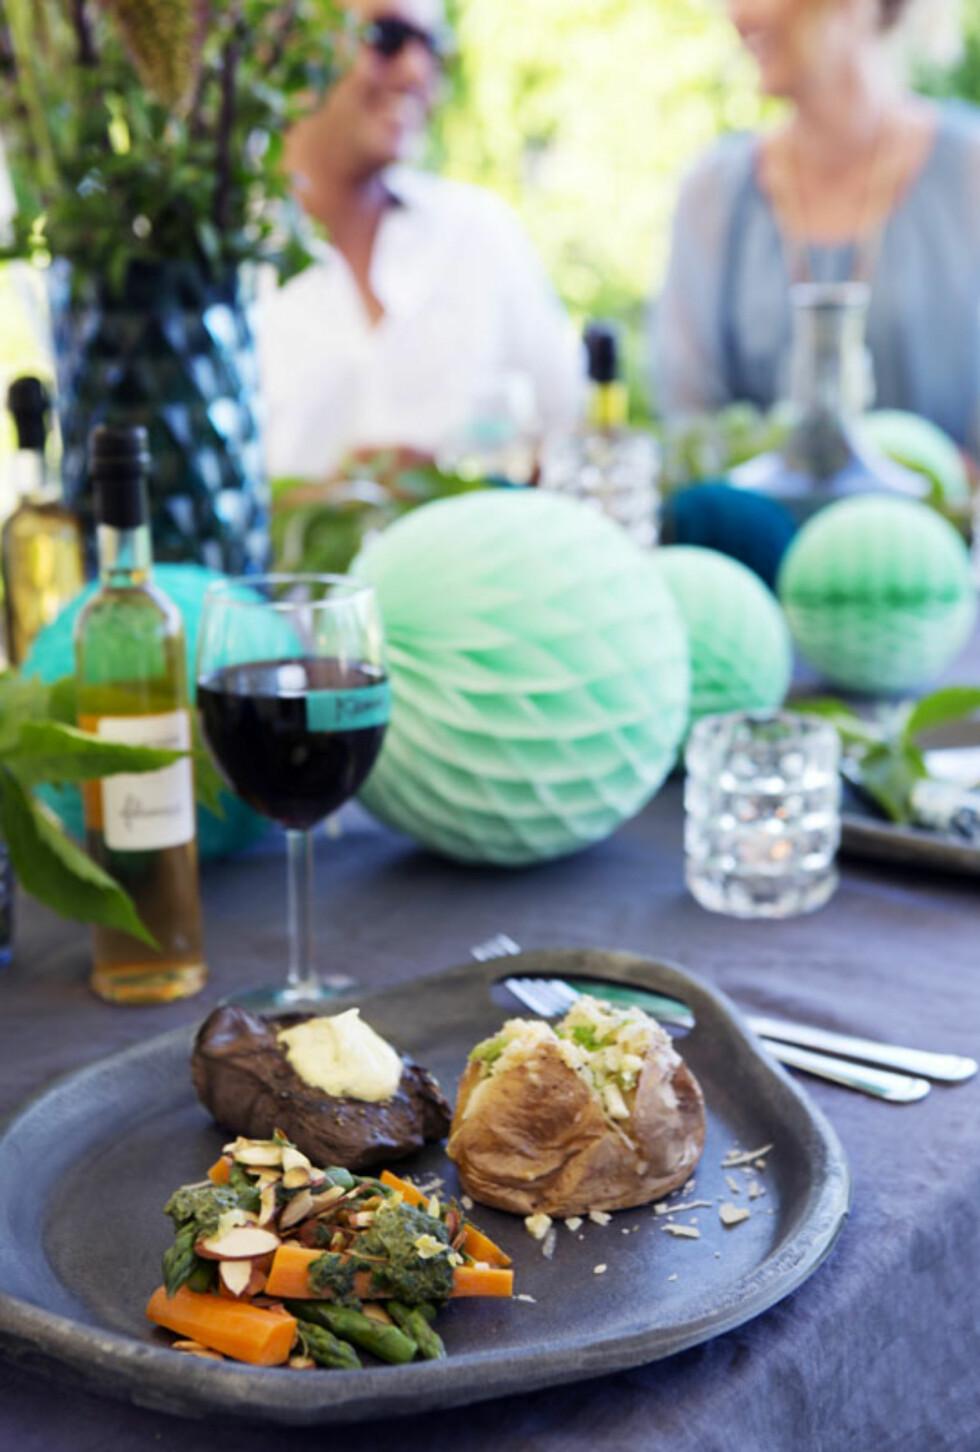 DEILIG GRILLMAT: Imponer gjestene med utsøkt grillmat! Tips til supergode marinader får du under.  Foto: Yvonne Wilhelmsen